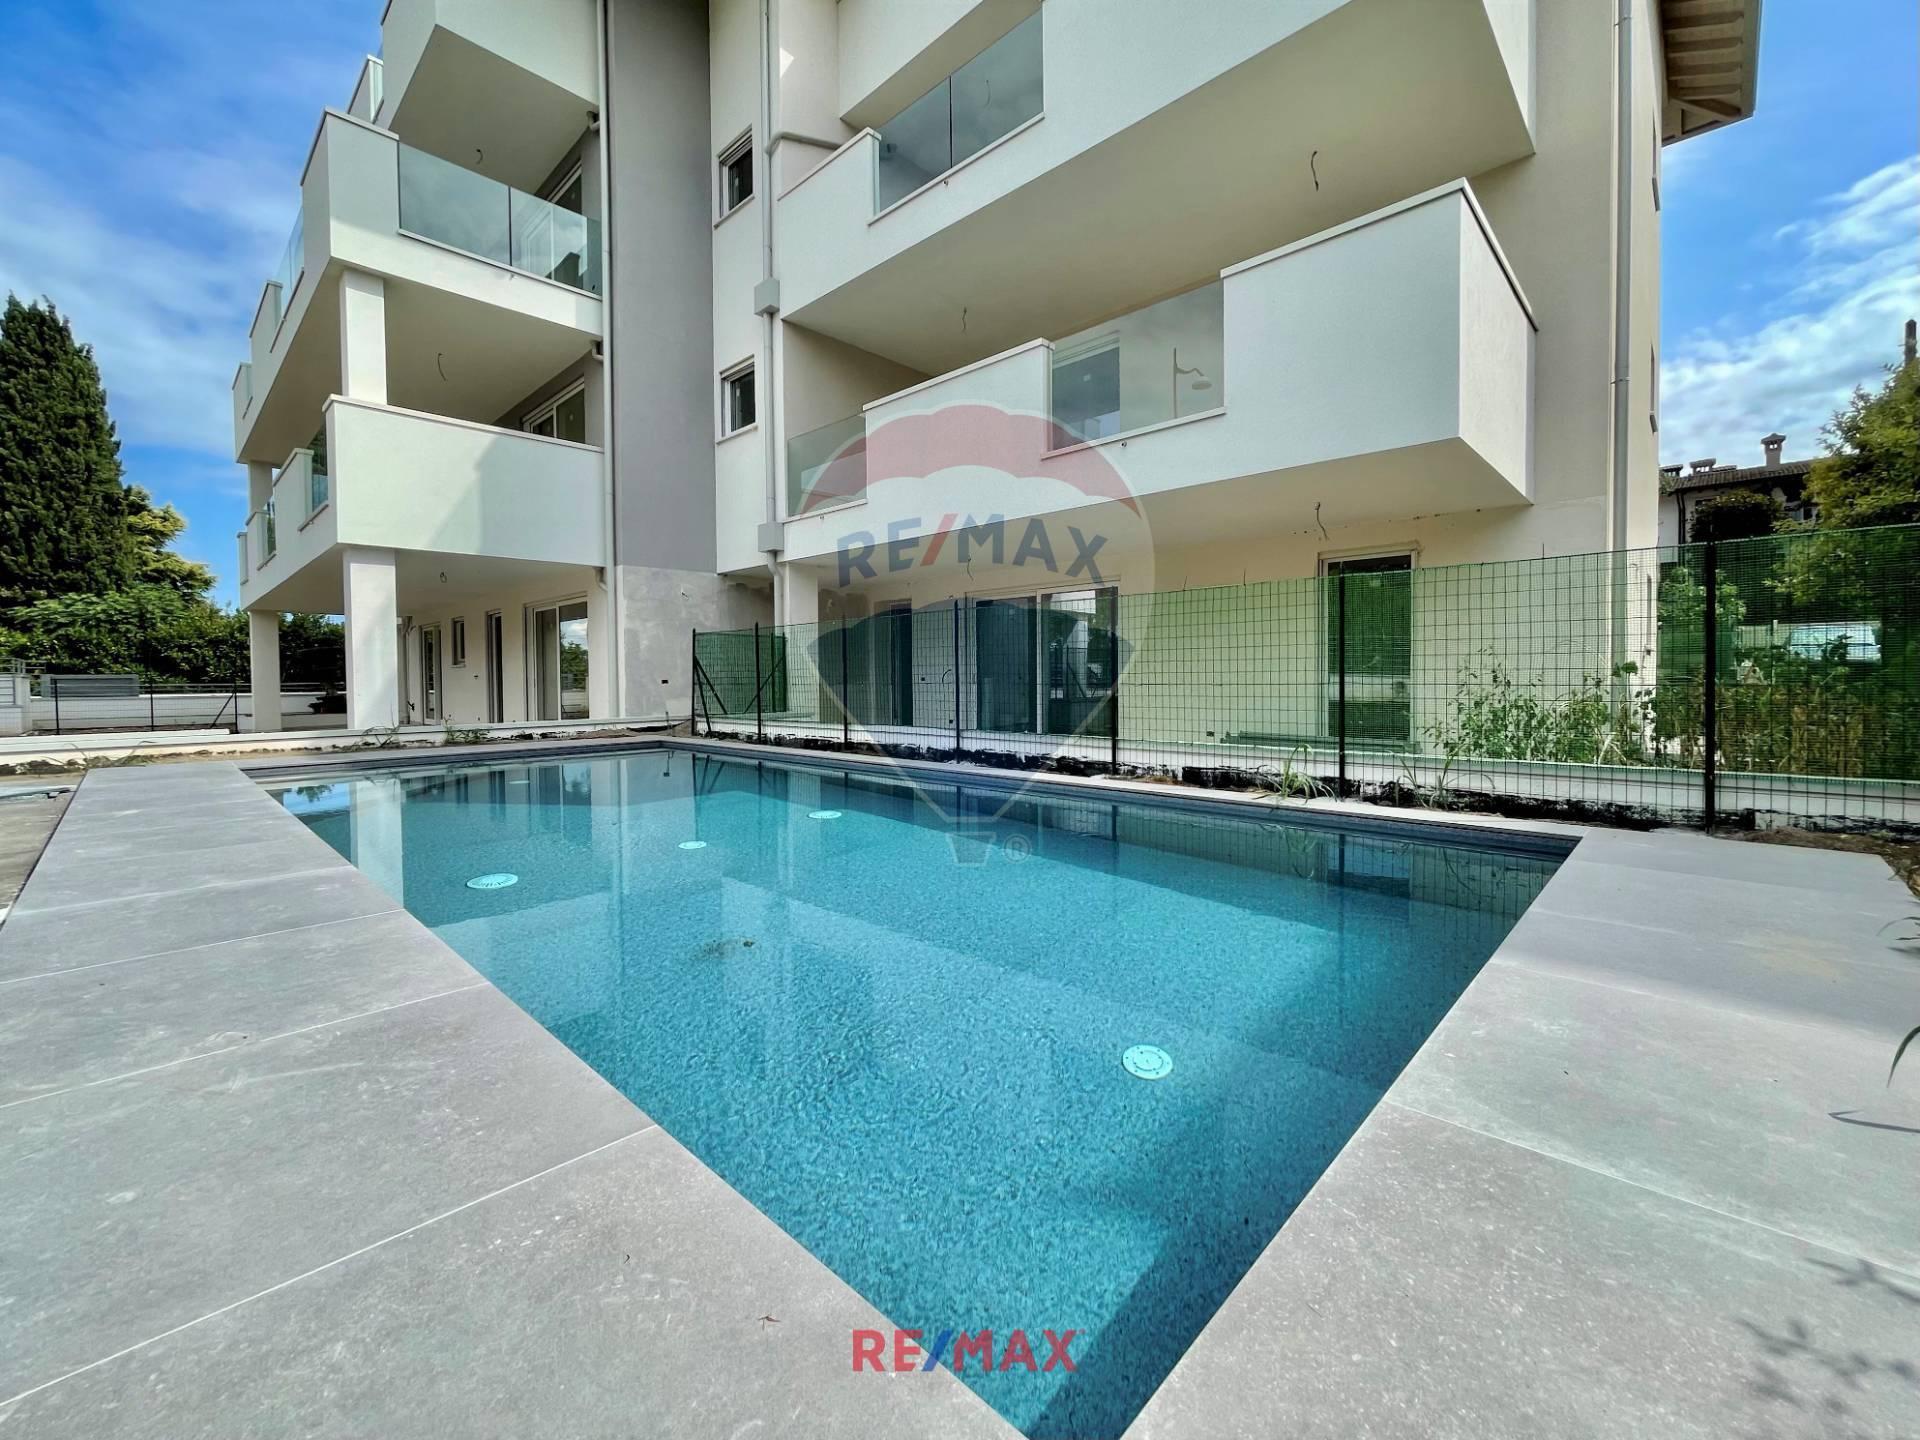 Appartamento in vendita a Desenzano del Garda, 3 locali, zona Località: RivoltelladelGarda, prezzo € 430.000 | PortaleAgenzieImmobiliari.it